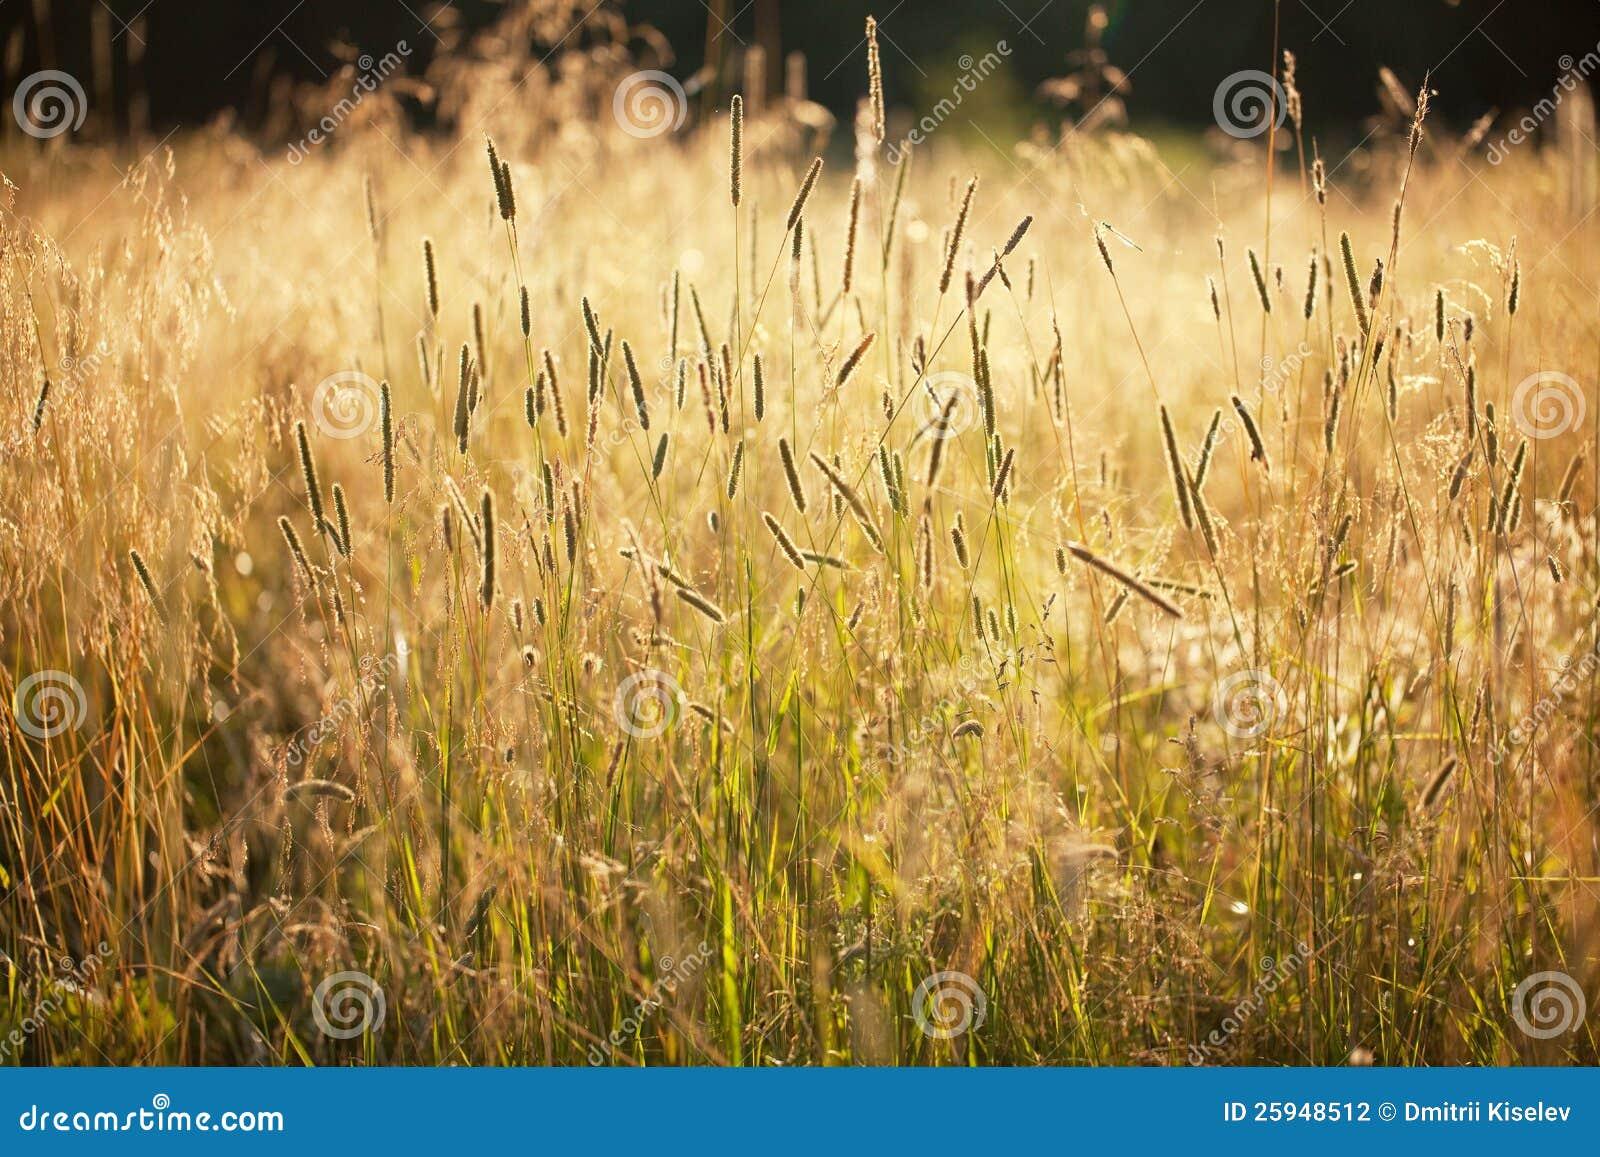 Hohes Gras Stockfoto Bild Von Schön Draußen Heuen 25948512